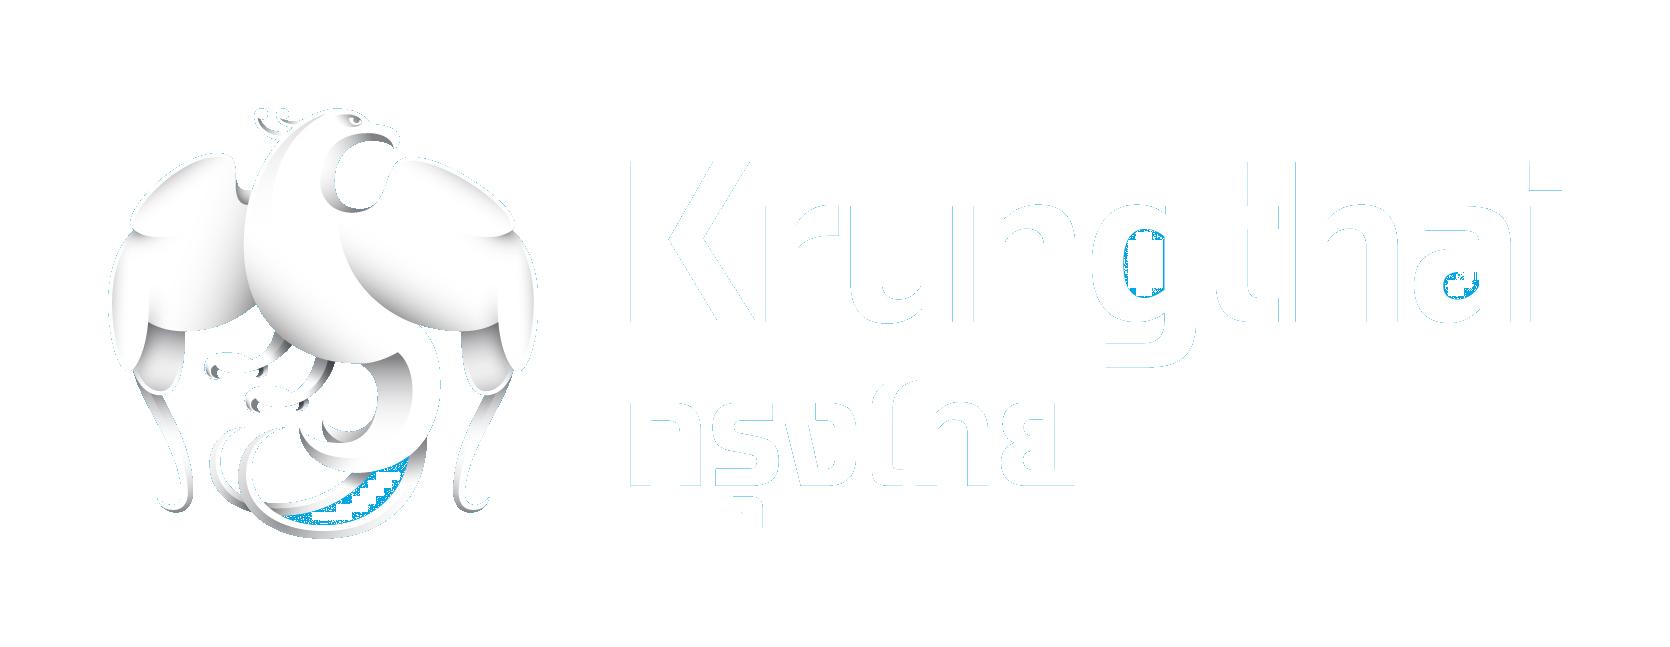 โลโก้ธนาคารกรุงไทย